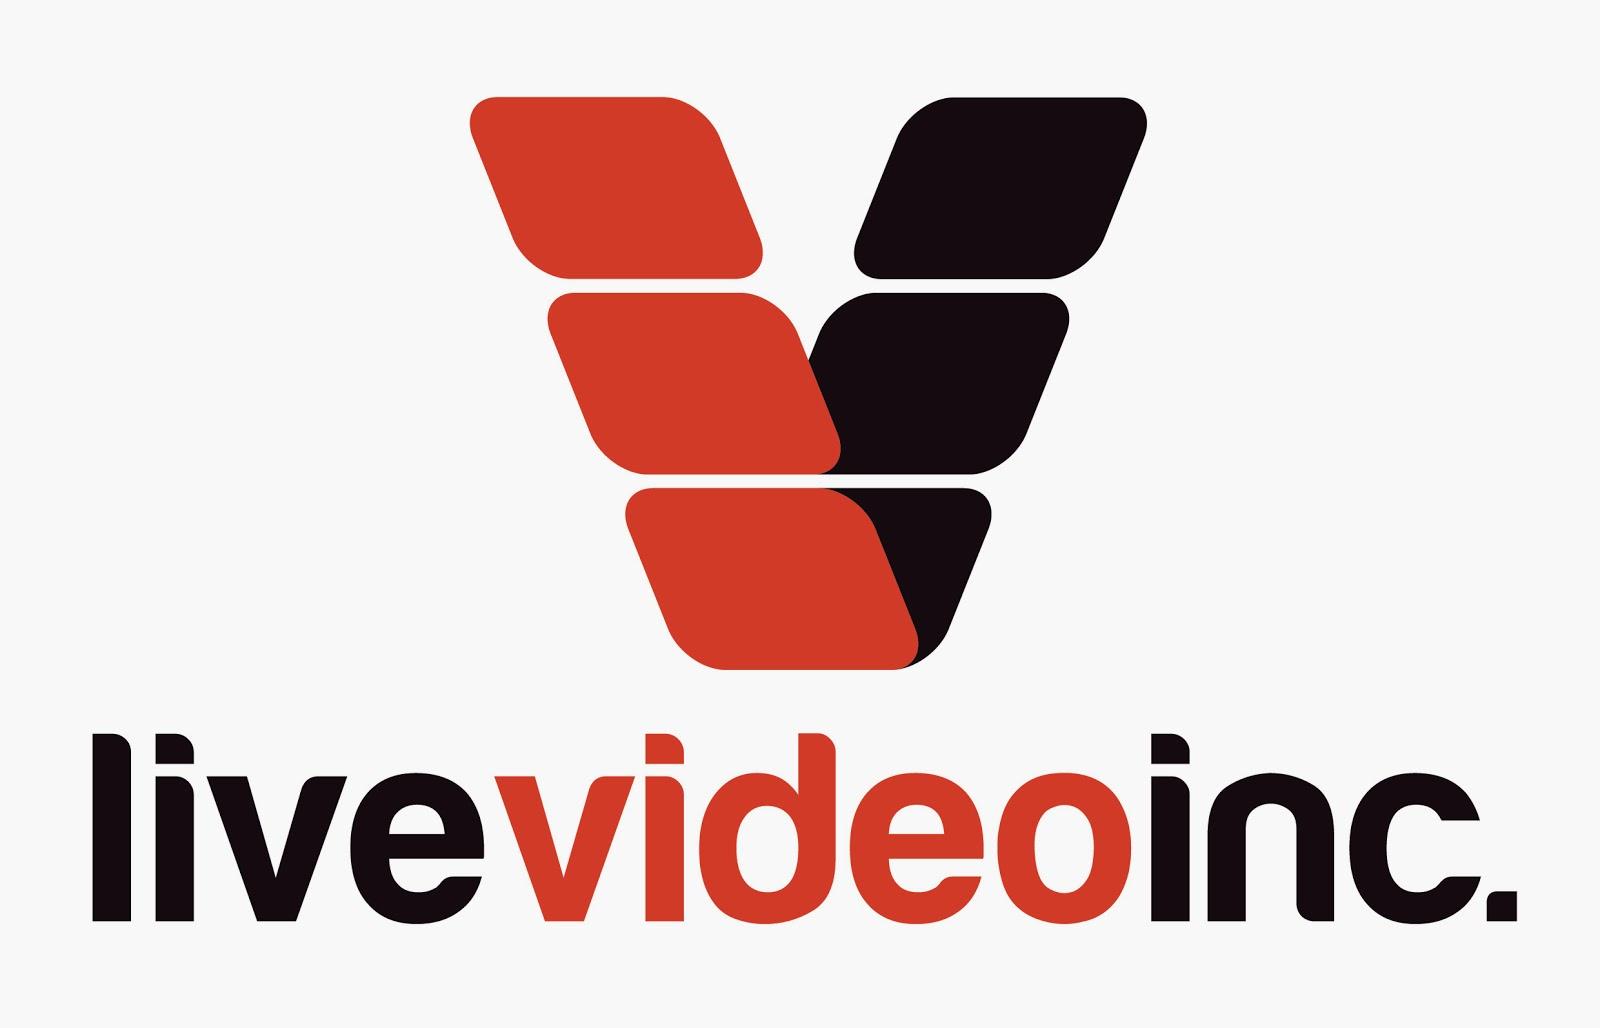 www.livevideoinc.com